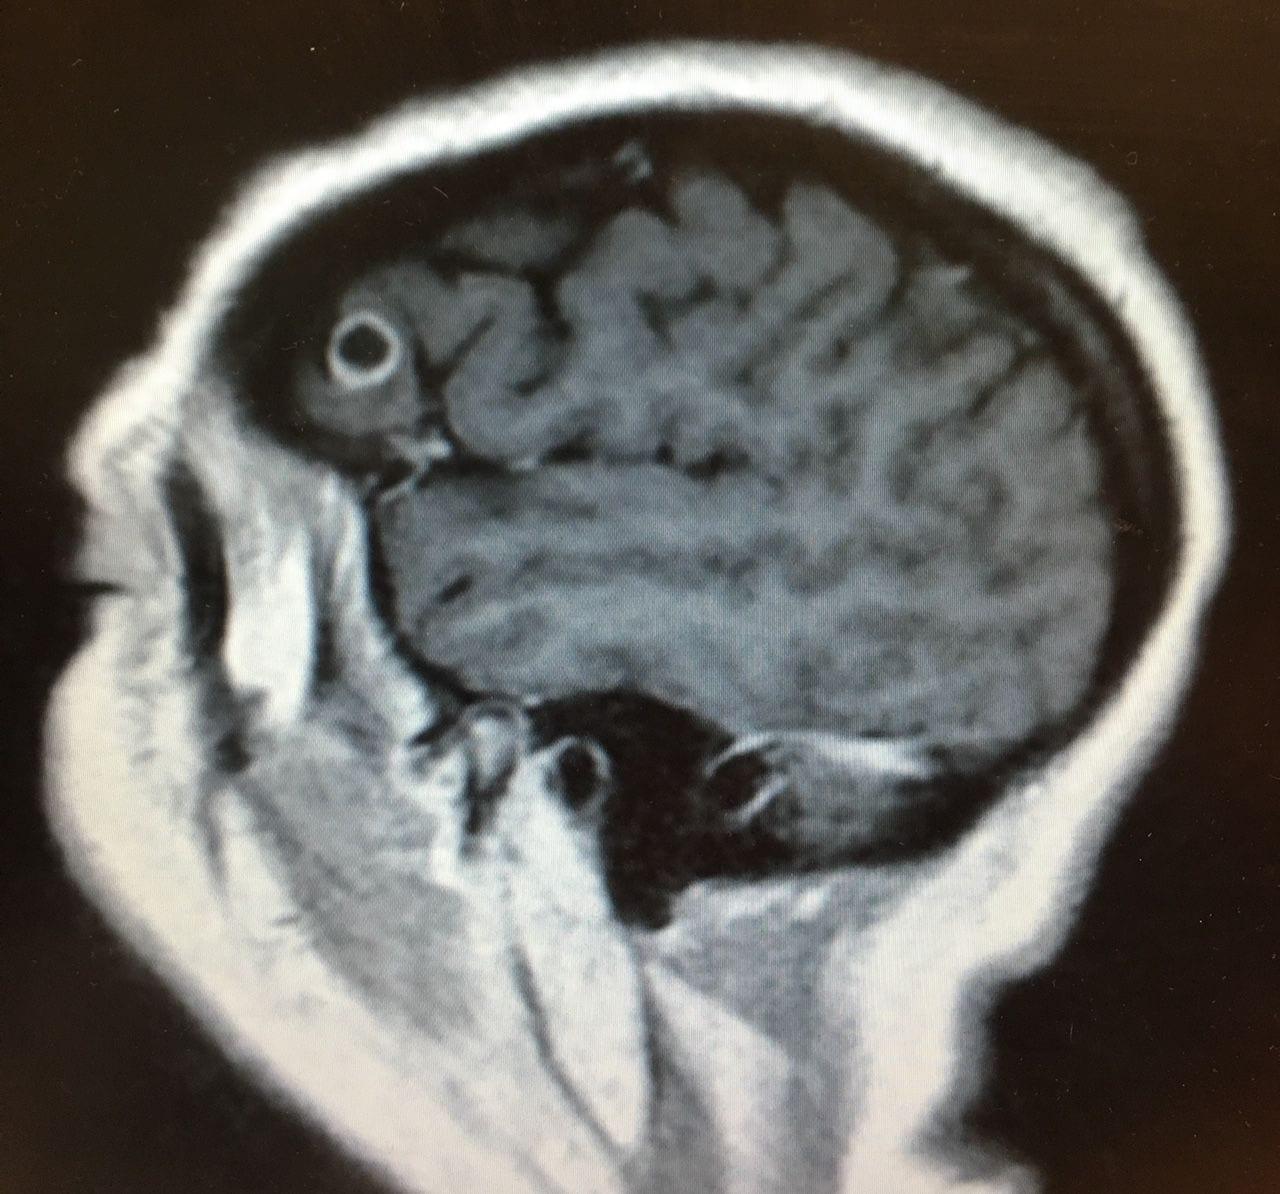 kerek féreg az agyban a rossz lehelet okainak diagnosztizálása